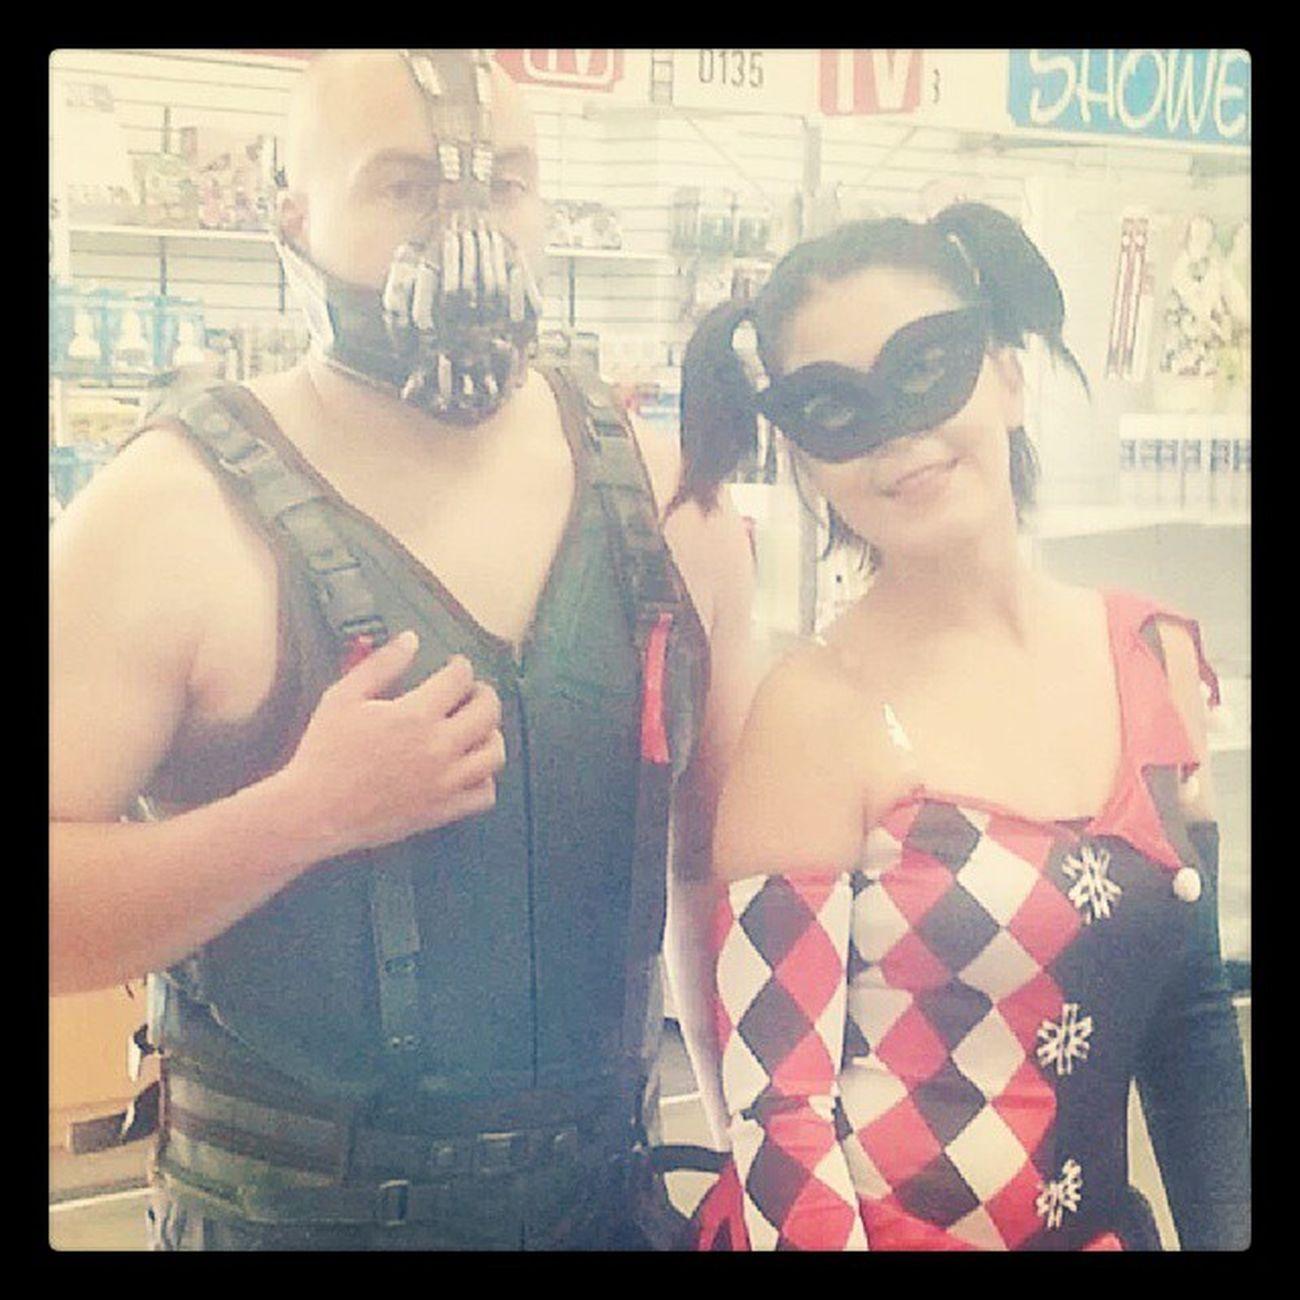 Halloween2013 Bane Harliquin Batmanwho